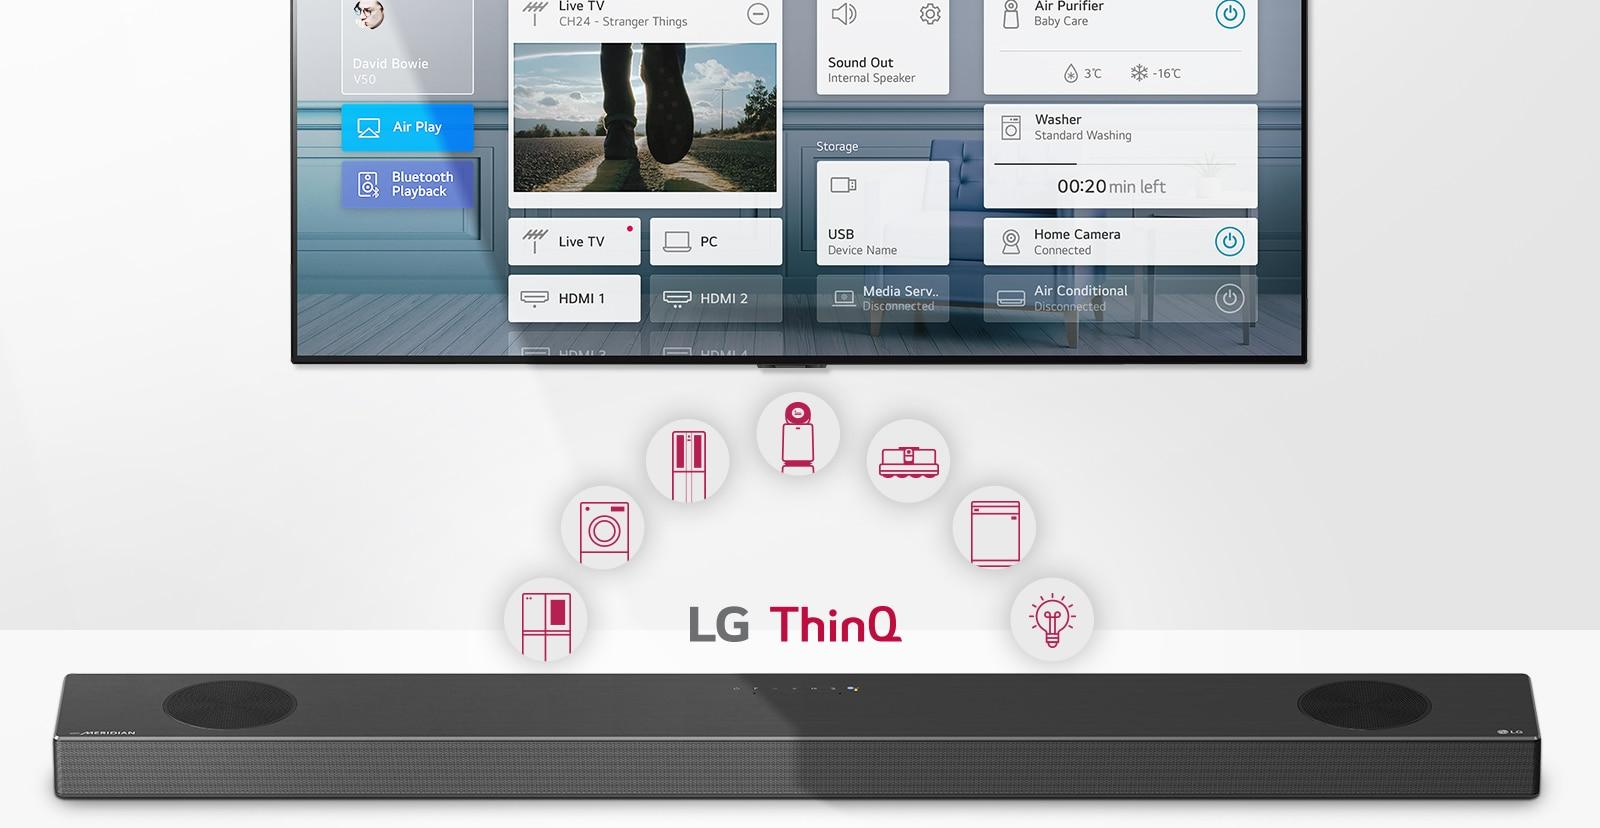 ทีวีติดผนัง LG Soundbar อยู่ด้านล่างของทีวี โลโก้ LG ThinQ และไอคอนเครื่องใช้ไฟฟ้าจะแสดงระหว่างทีวีและ LG Soundbar